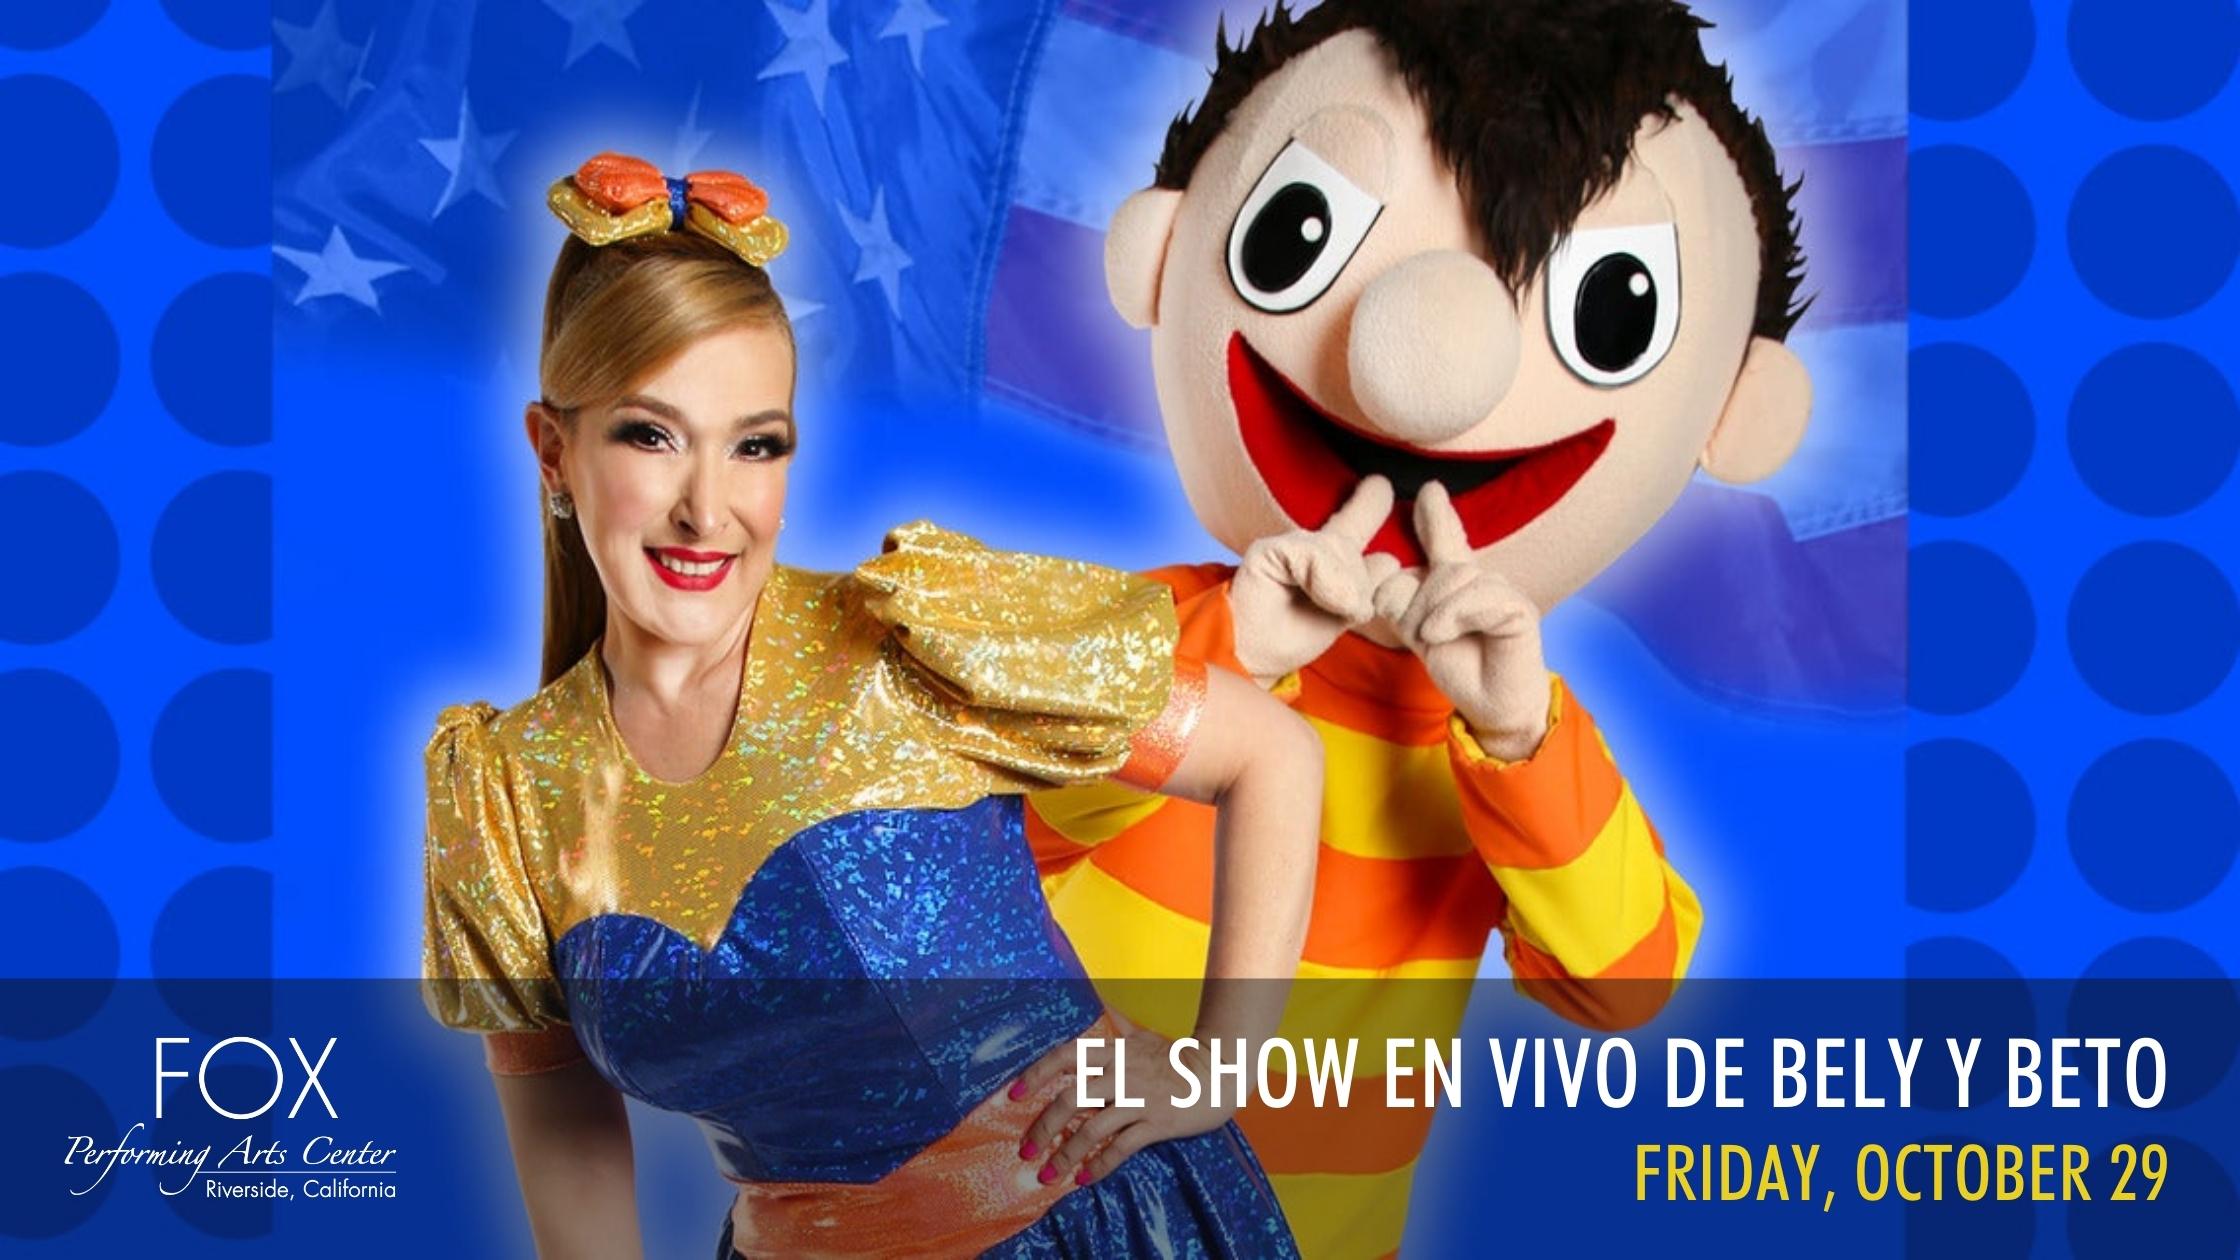 Illusion Touring presents El Show En Vivo de Bely y Beto